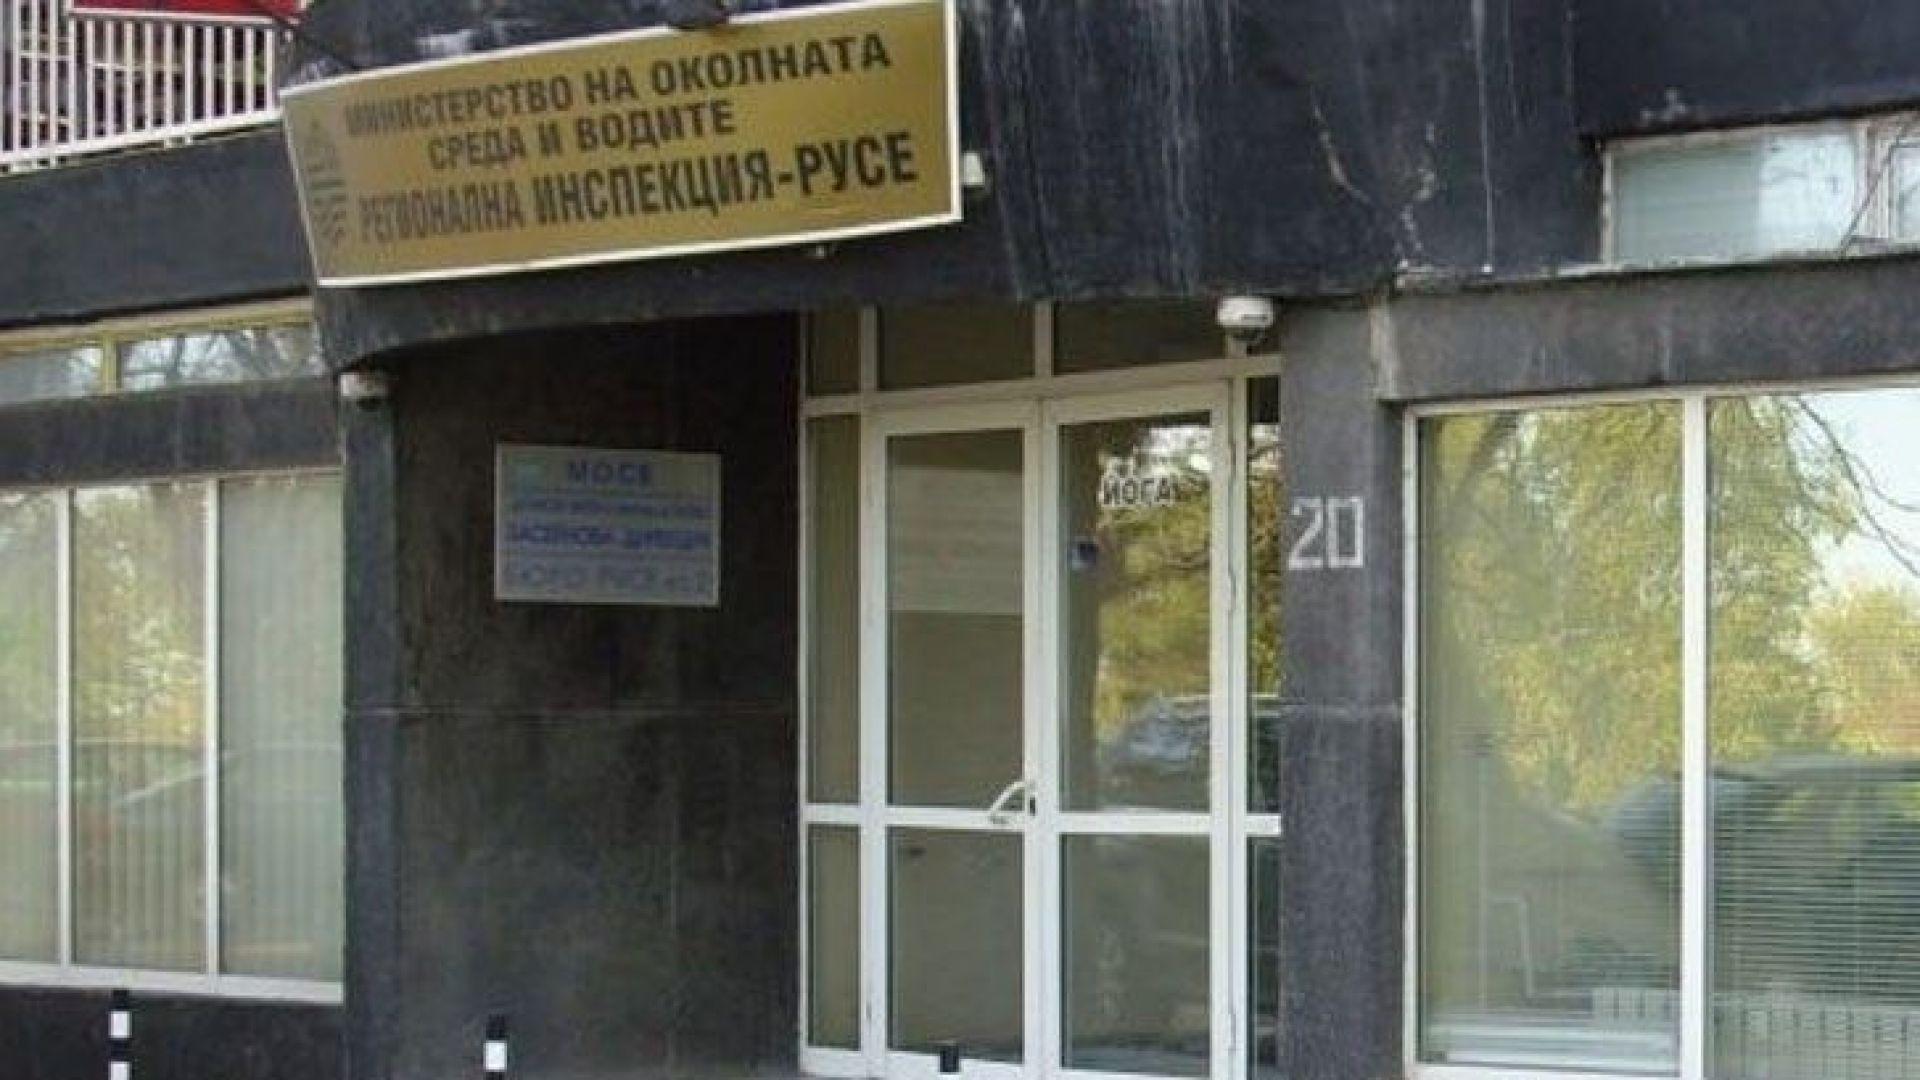 Експертите на РИОСВ-Русе съставиха четири акта на